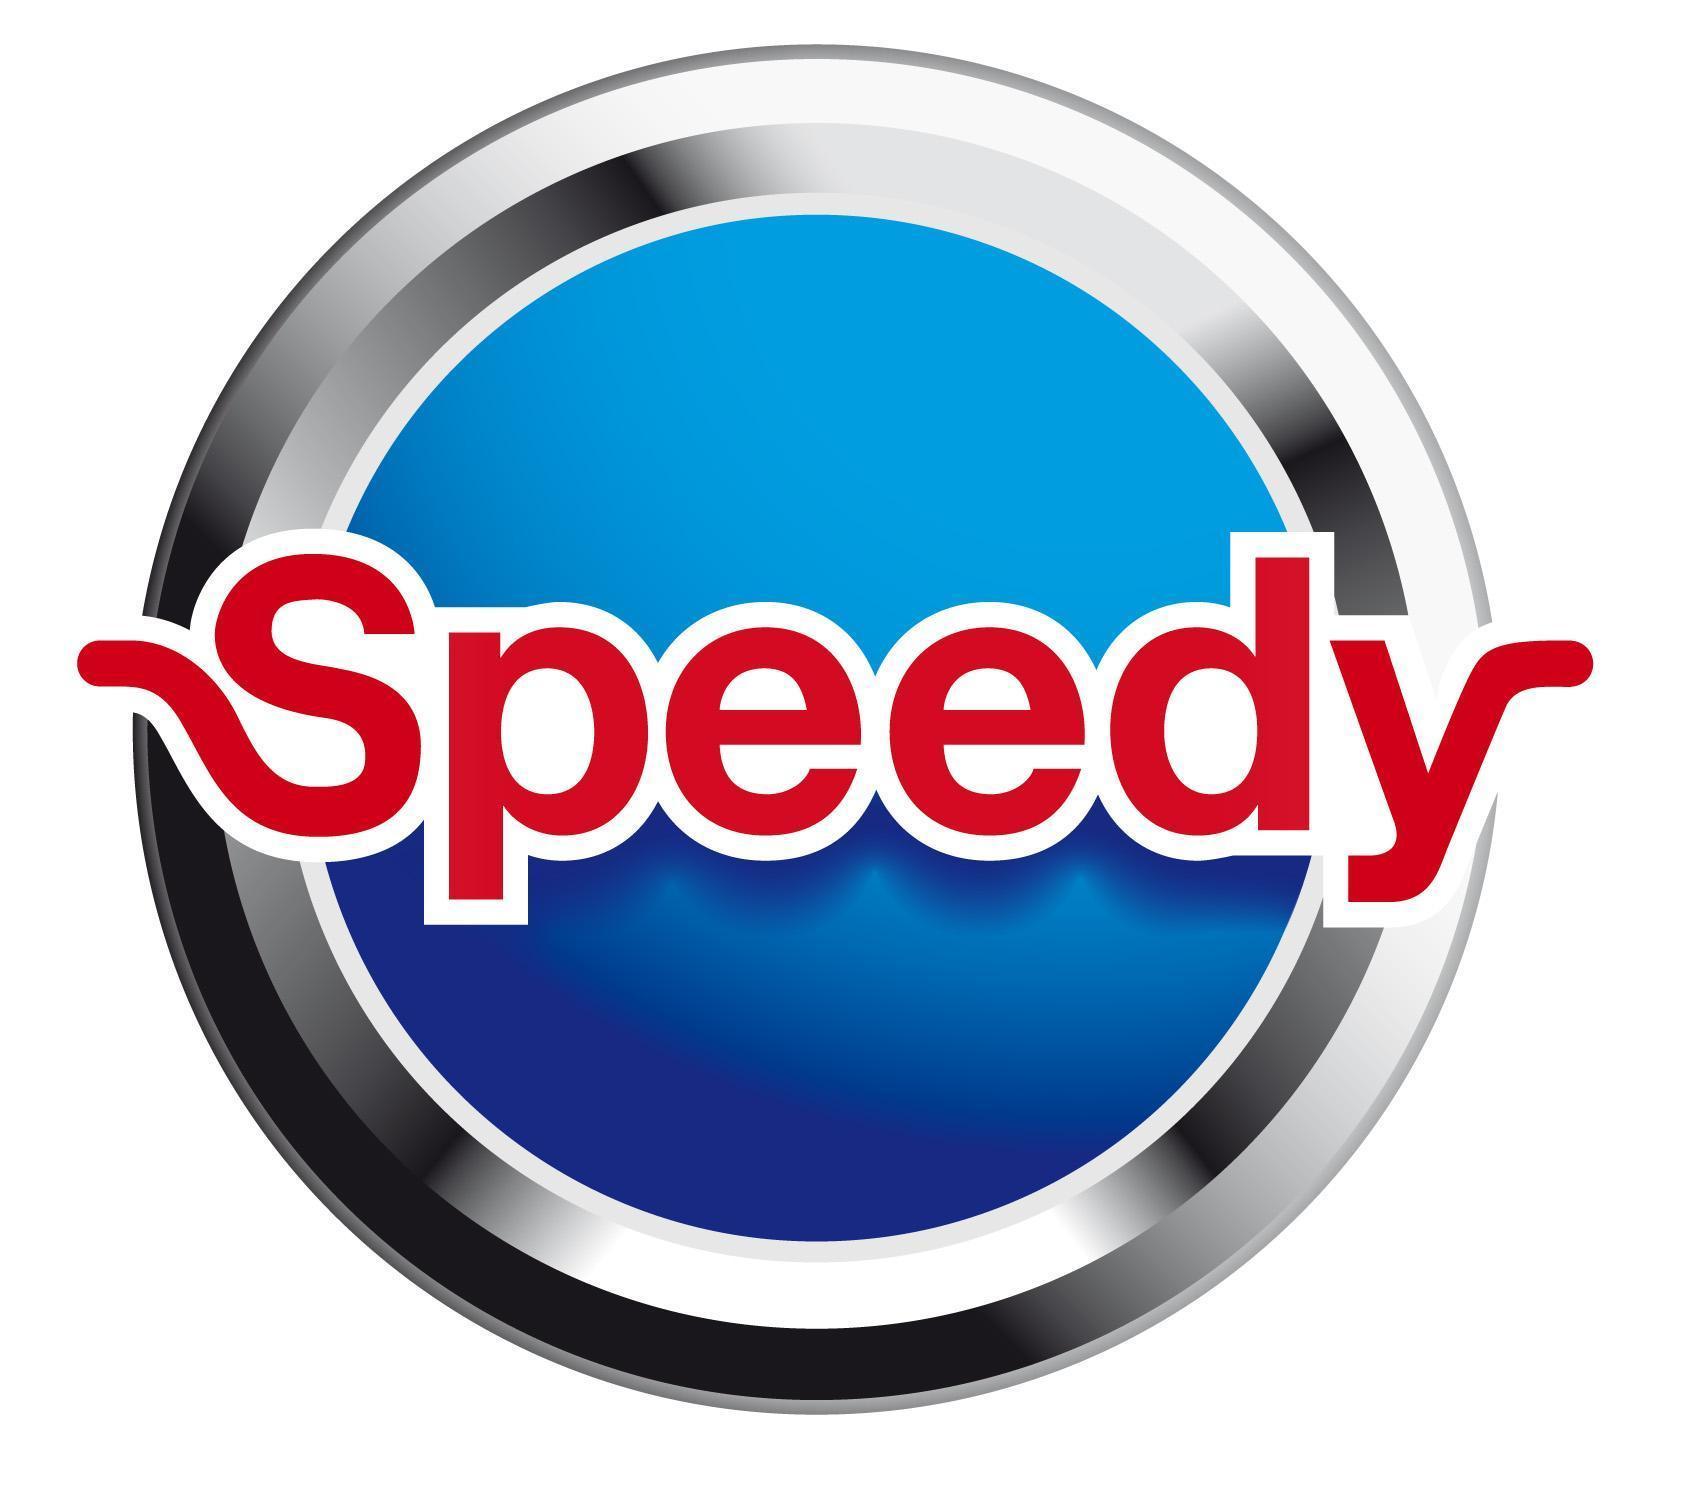 Rosedeal : 120€ à dépenser une révision constructeur ou un forfait d'entretien intégral chez Speedy